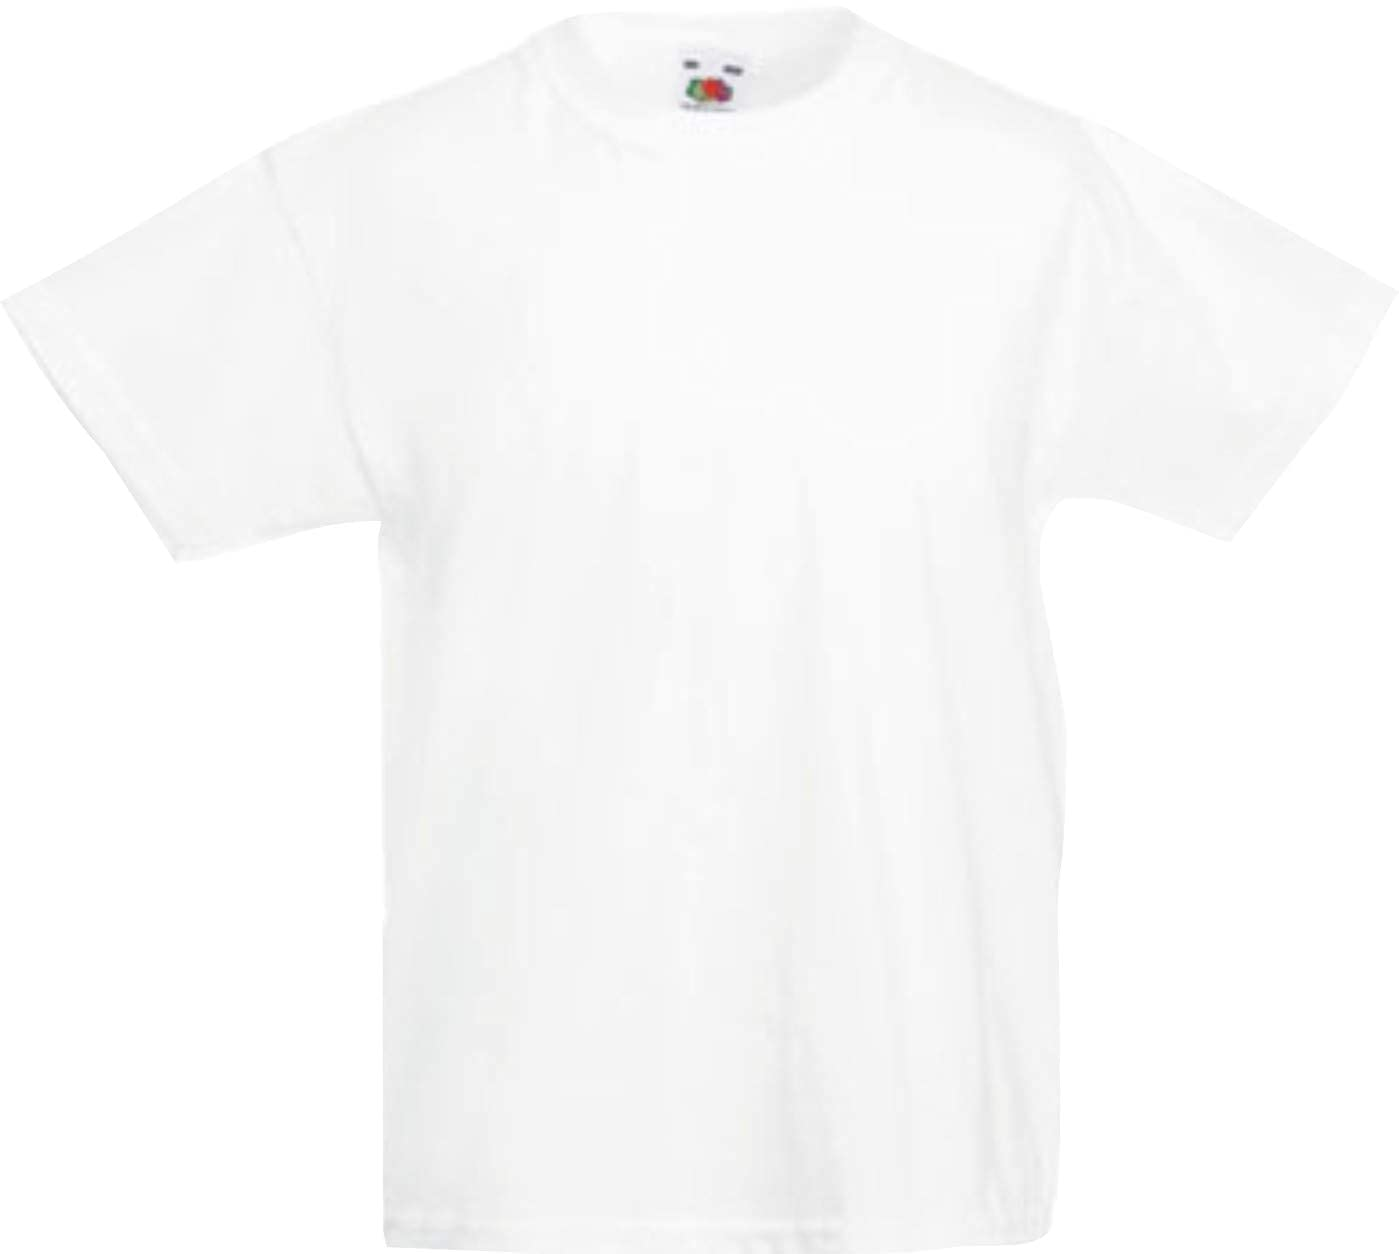 T-shirt Bambino Fruit Of The Loom Maglia Maniche Corte Scuola Recita Bimbi Bimbo Bambini 2 - 16 Anni Bambino: Abbigliamento